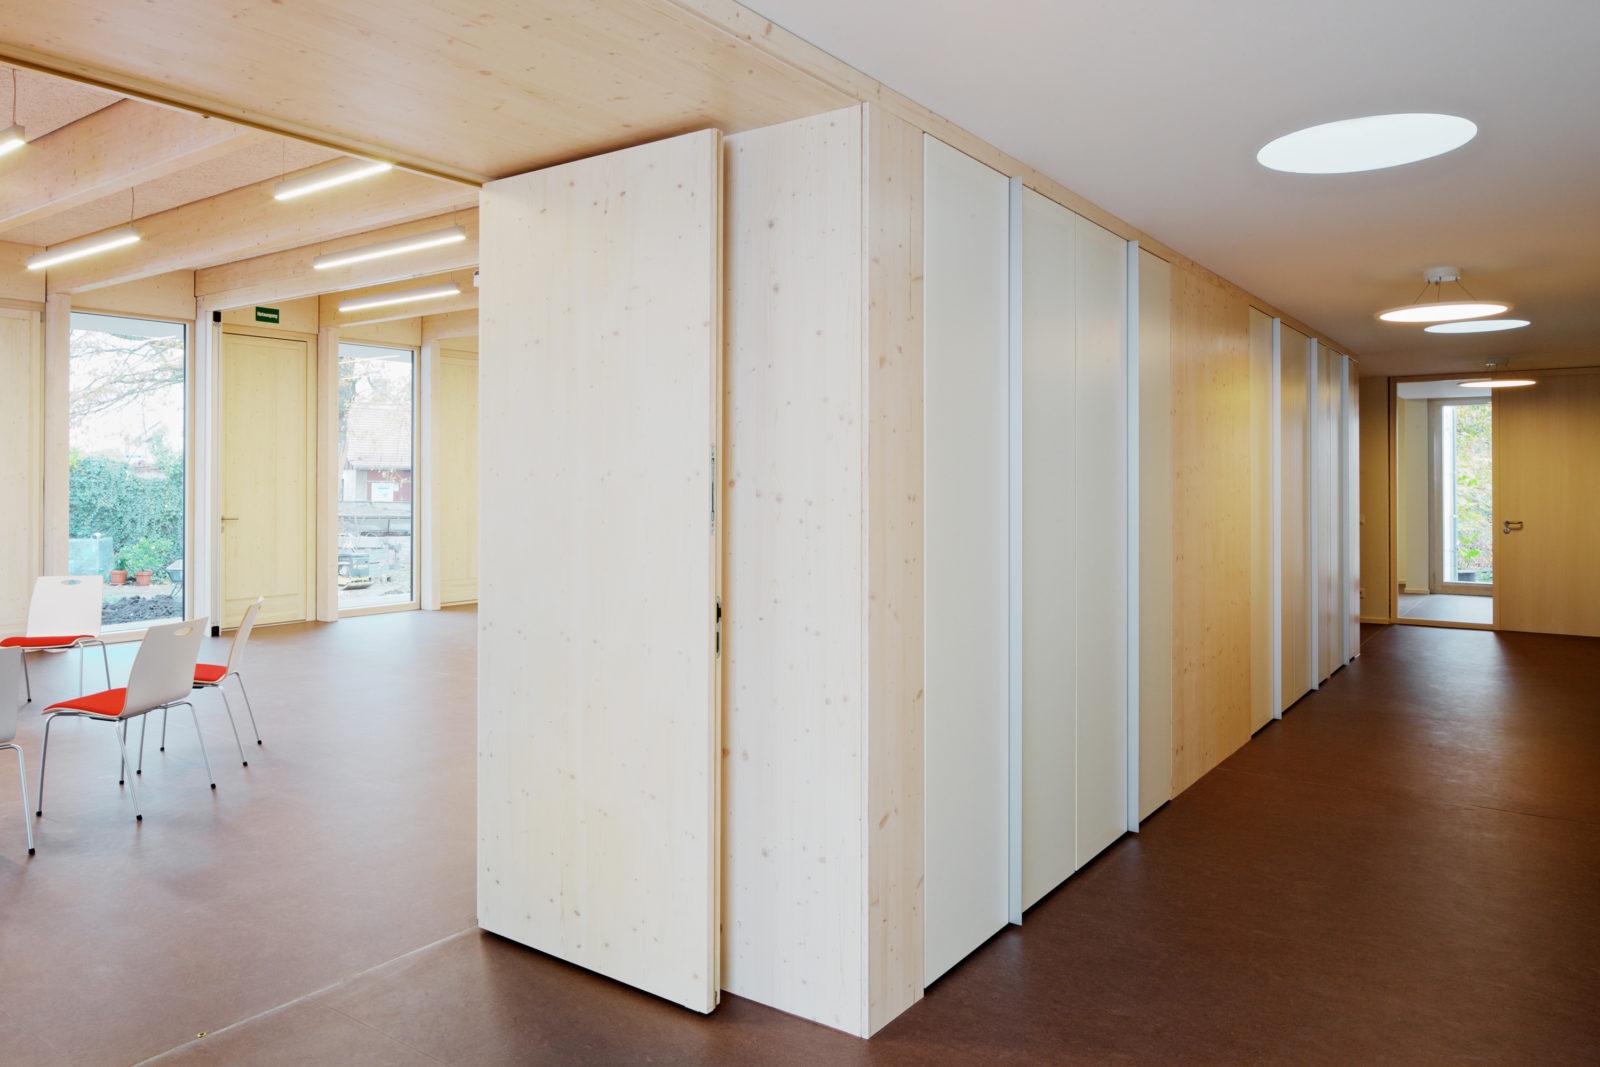 Neubau Gemeindehaus Hoffnungskirchgemeinde in Leipzig, Knauthain - Einbaumöbel als Raumteiler und Stuhllager